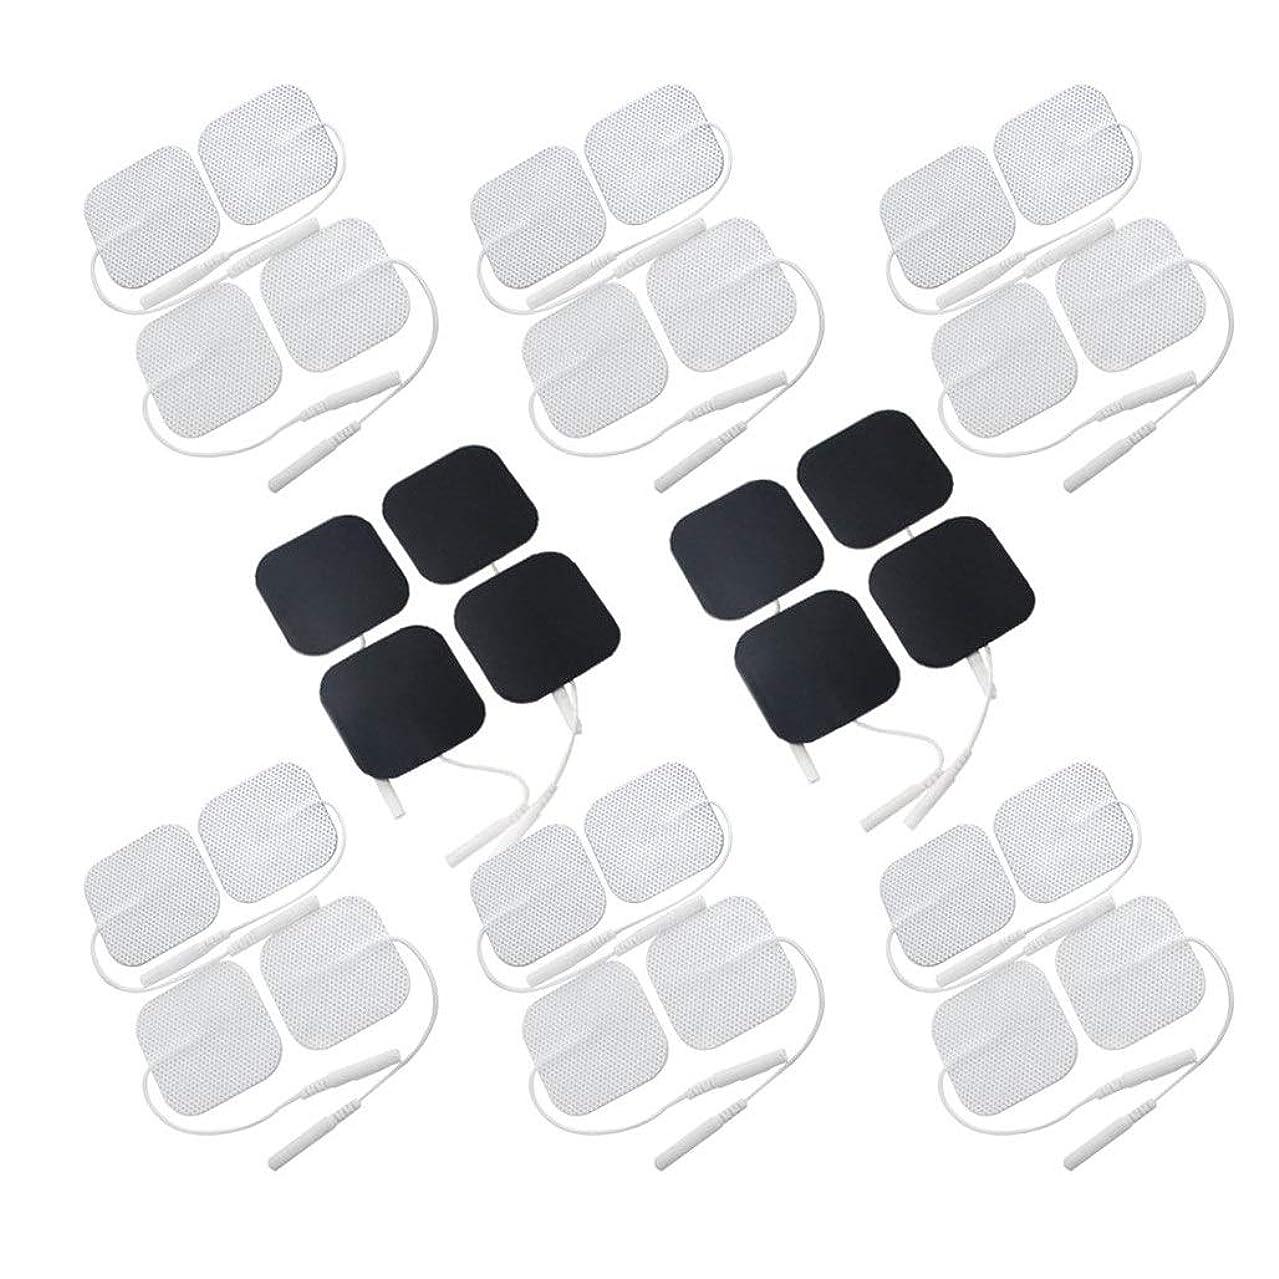 ホステルペンフレンド育成TENSユニットパッド電極パッチは、電極パッド、32の電極電気刺激のための4電極5×5センチメートルの8パック